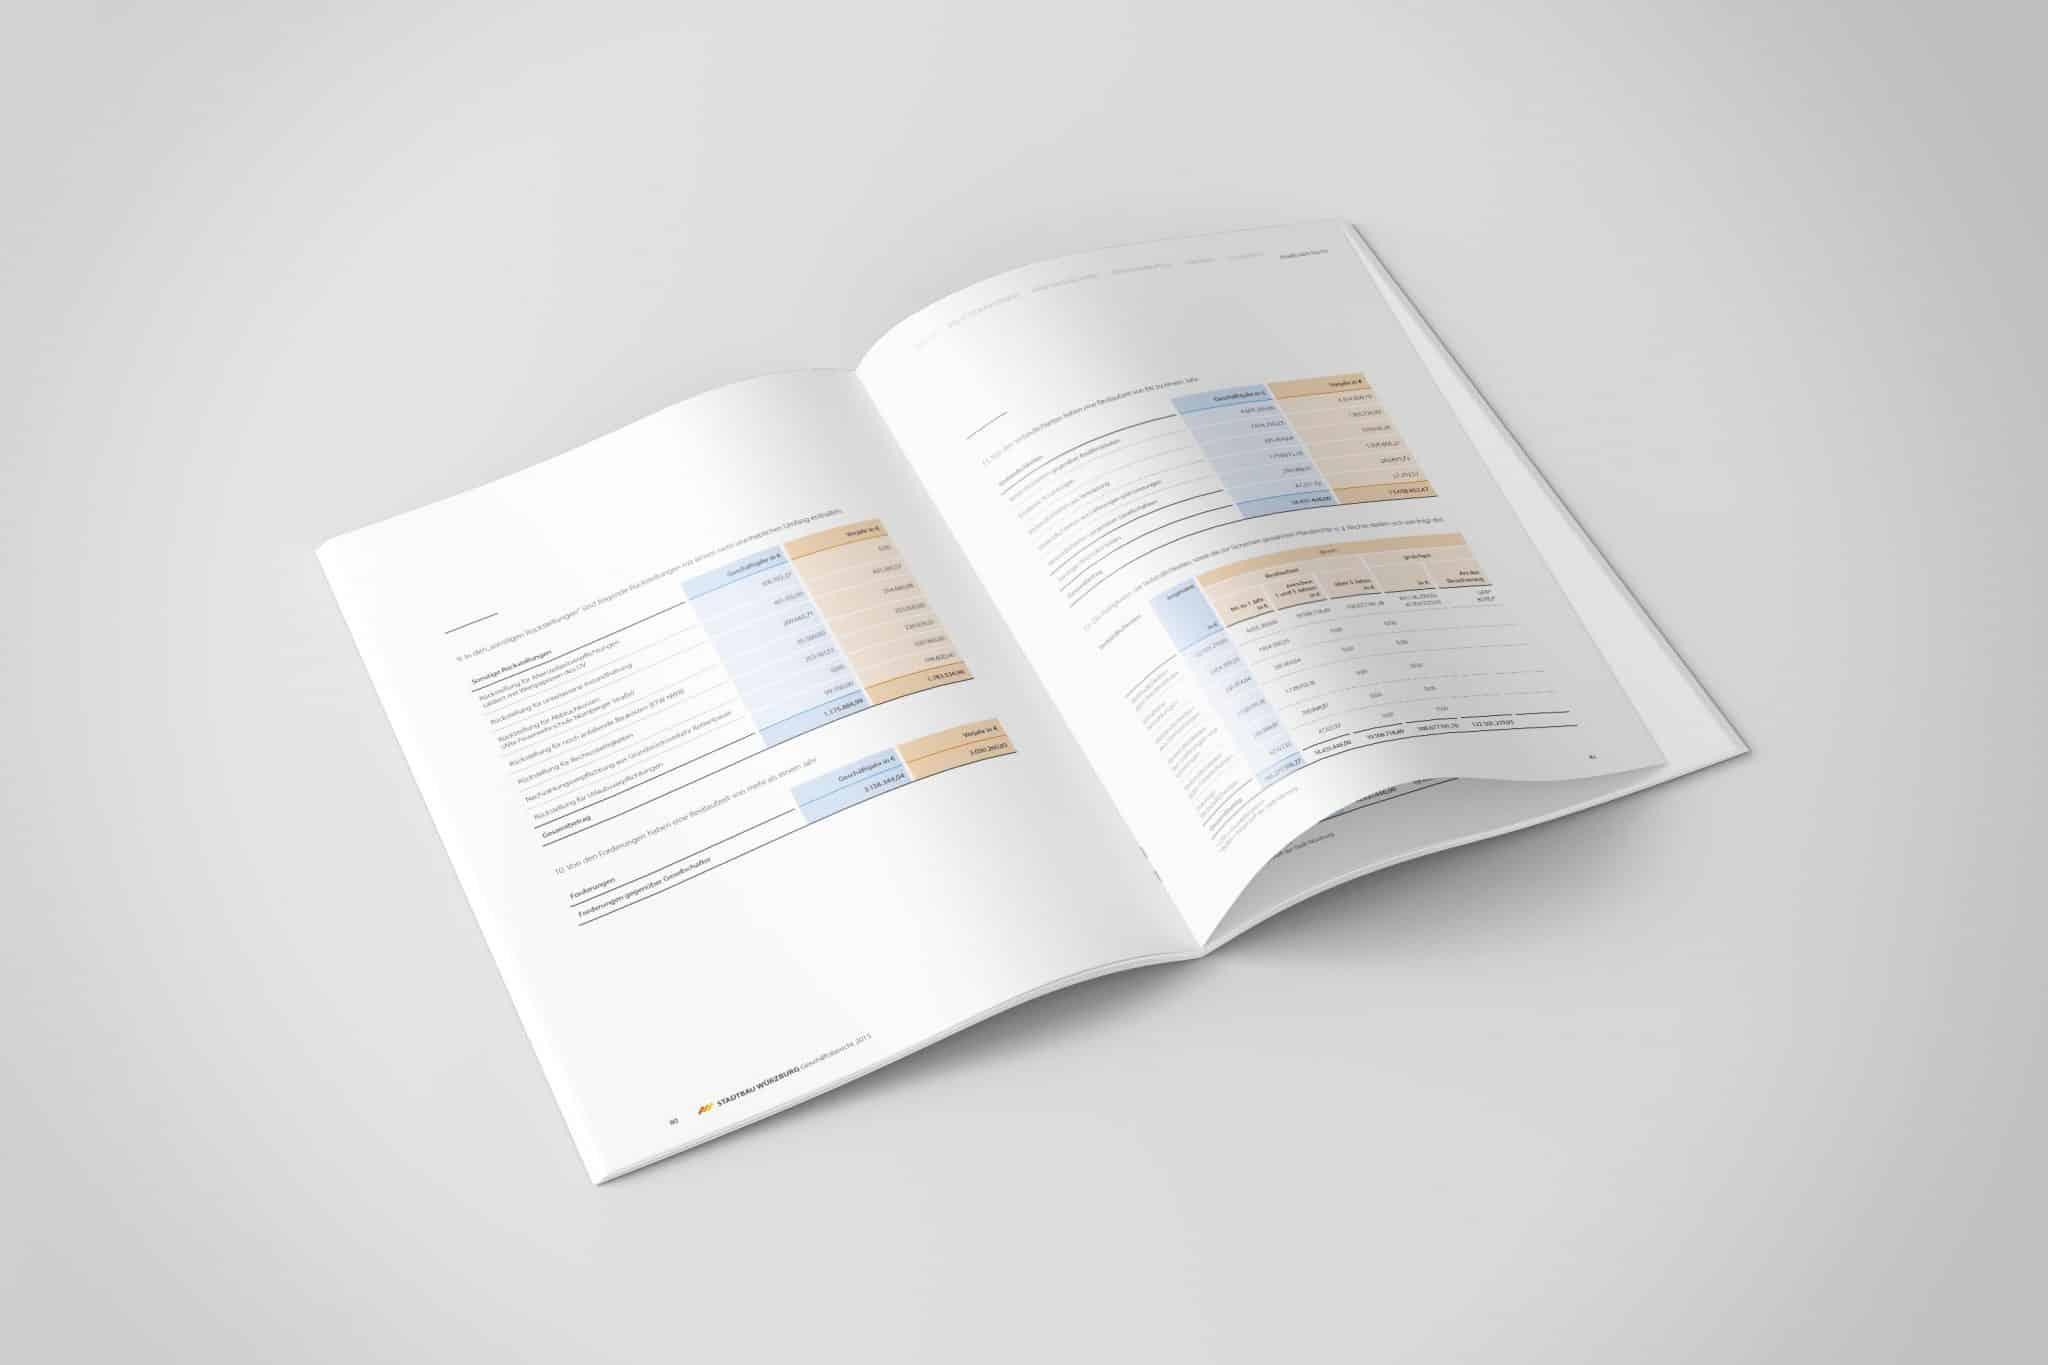 Doppelseite Zahlenteil 02 Jahresbericht Stadtbau 2015 Corporate Puplishing